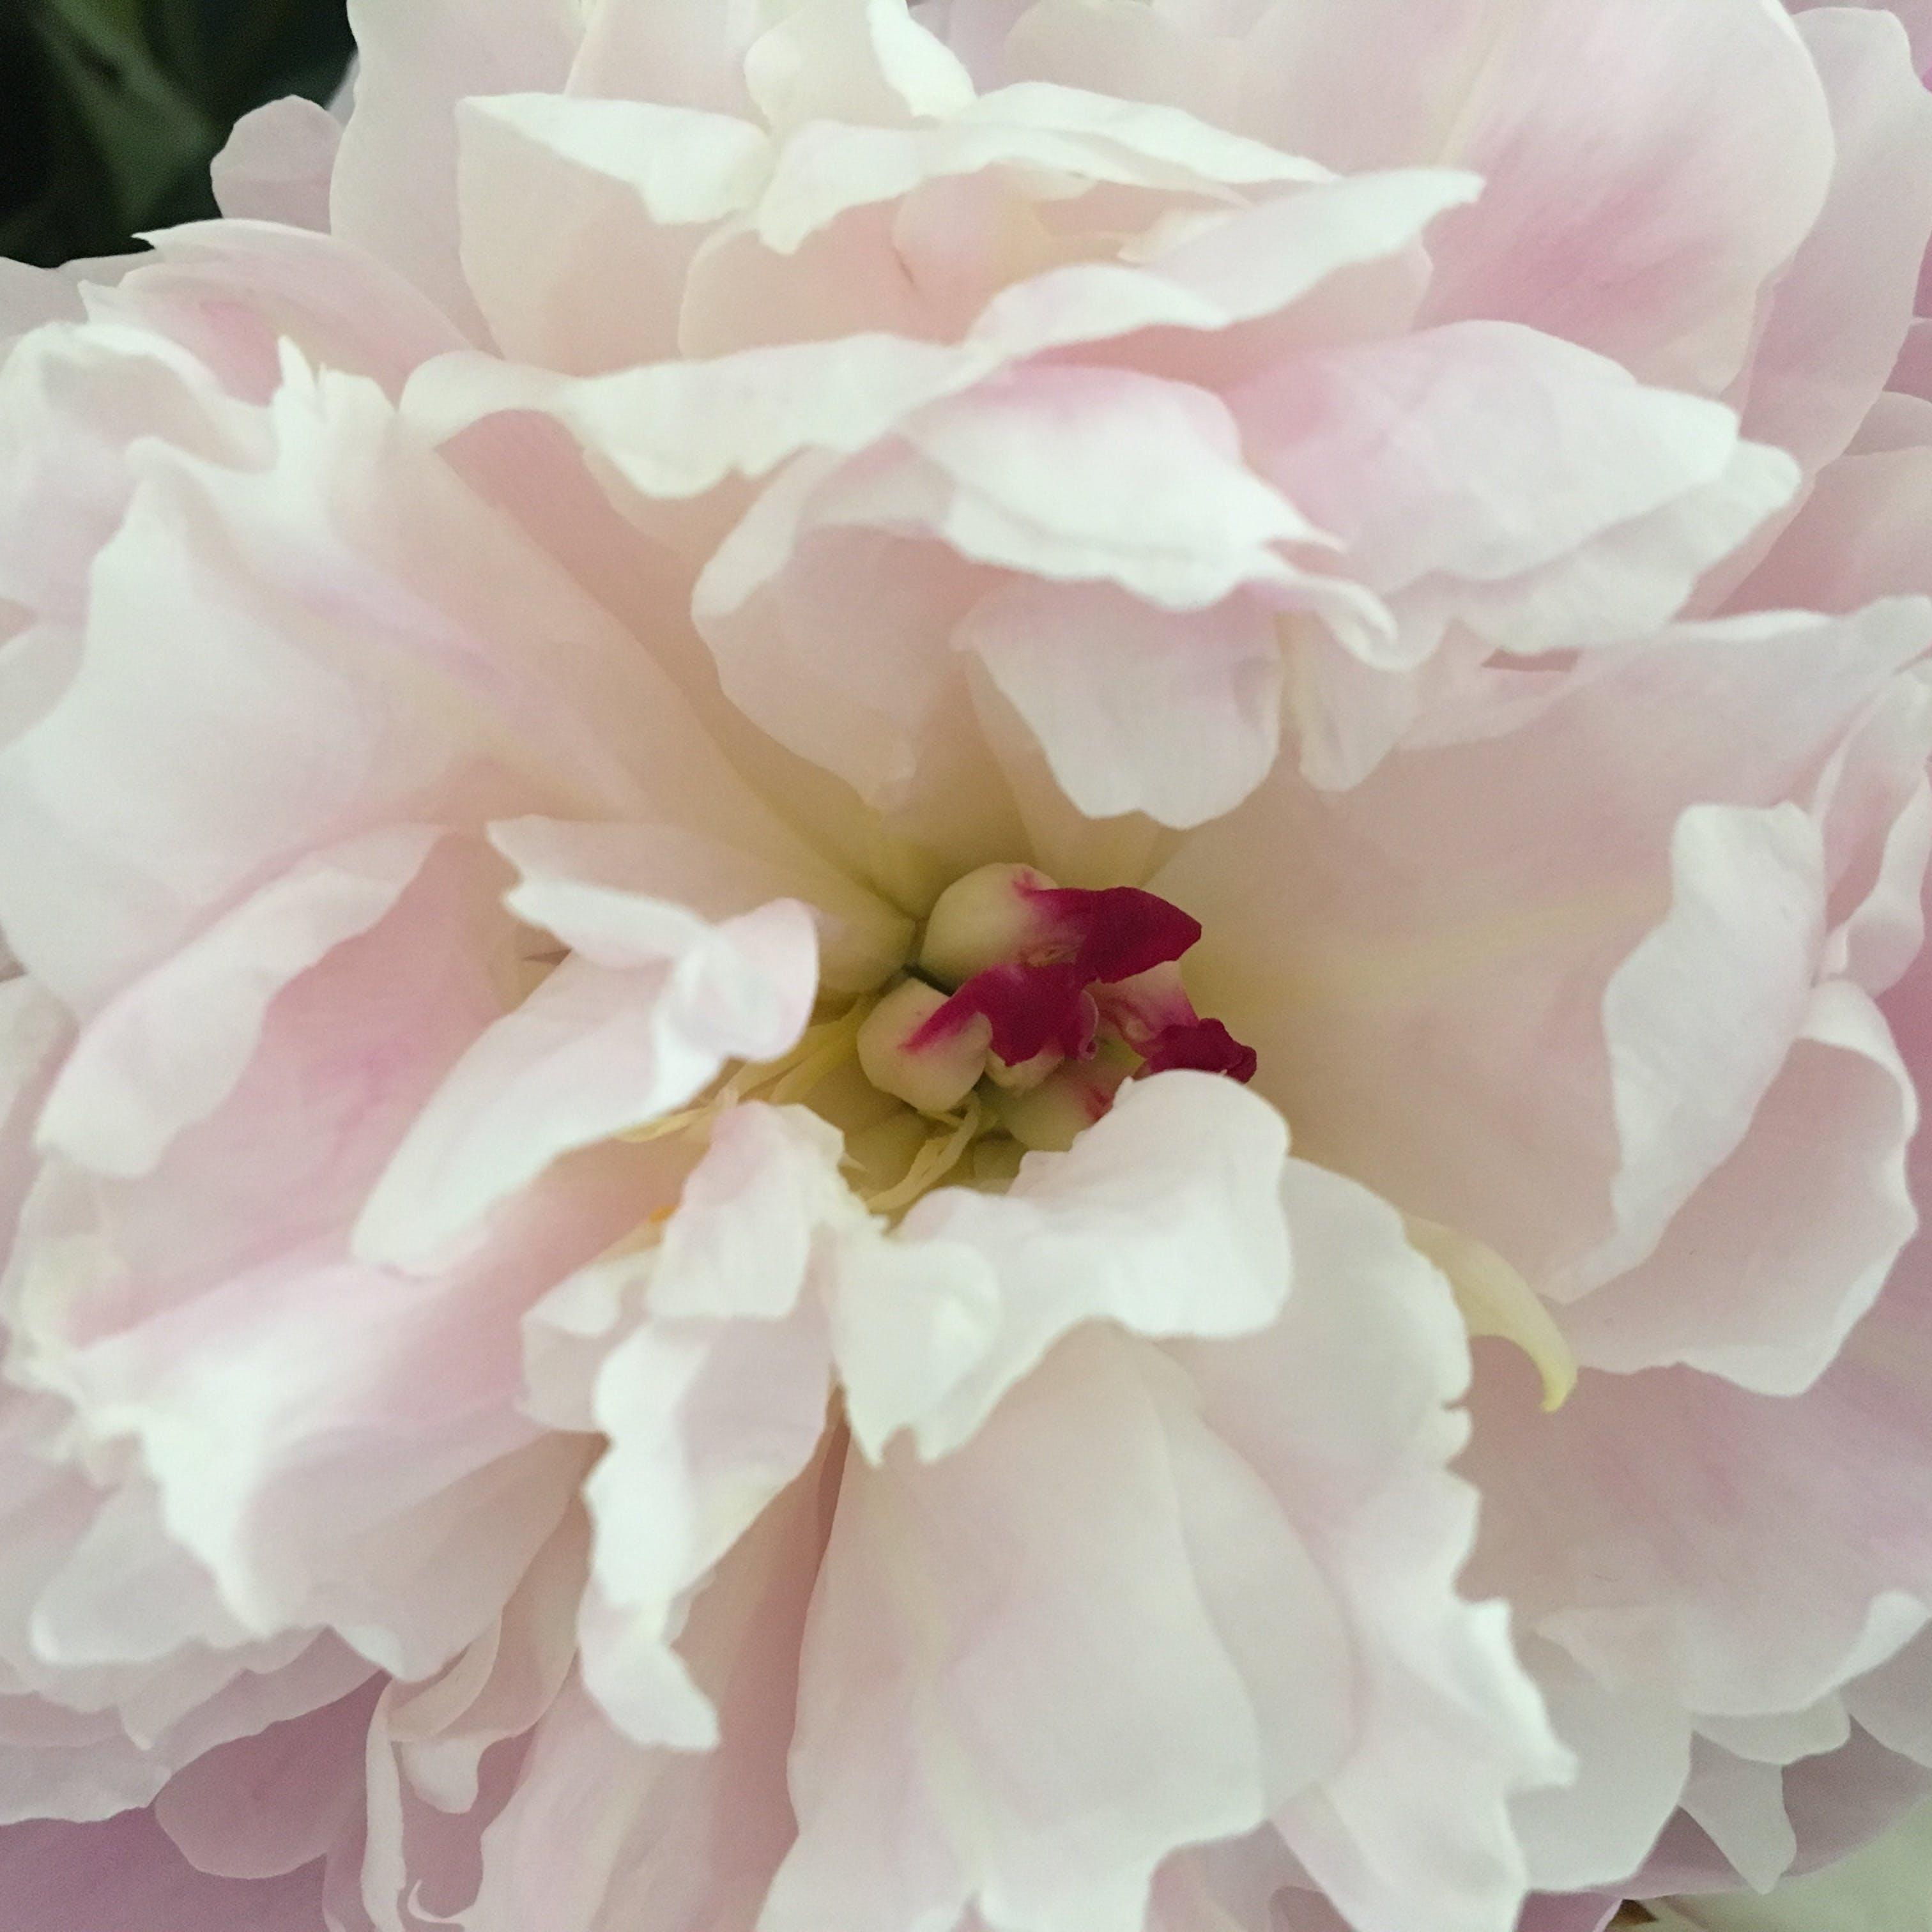 Δωρεάν στοκ φωτογραφιών με blume, pfingstrose, rosa, λεπτομέρεια